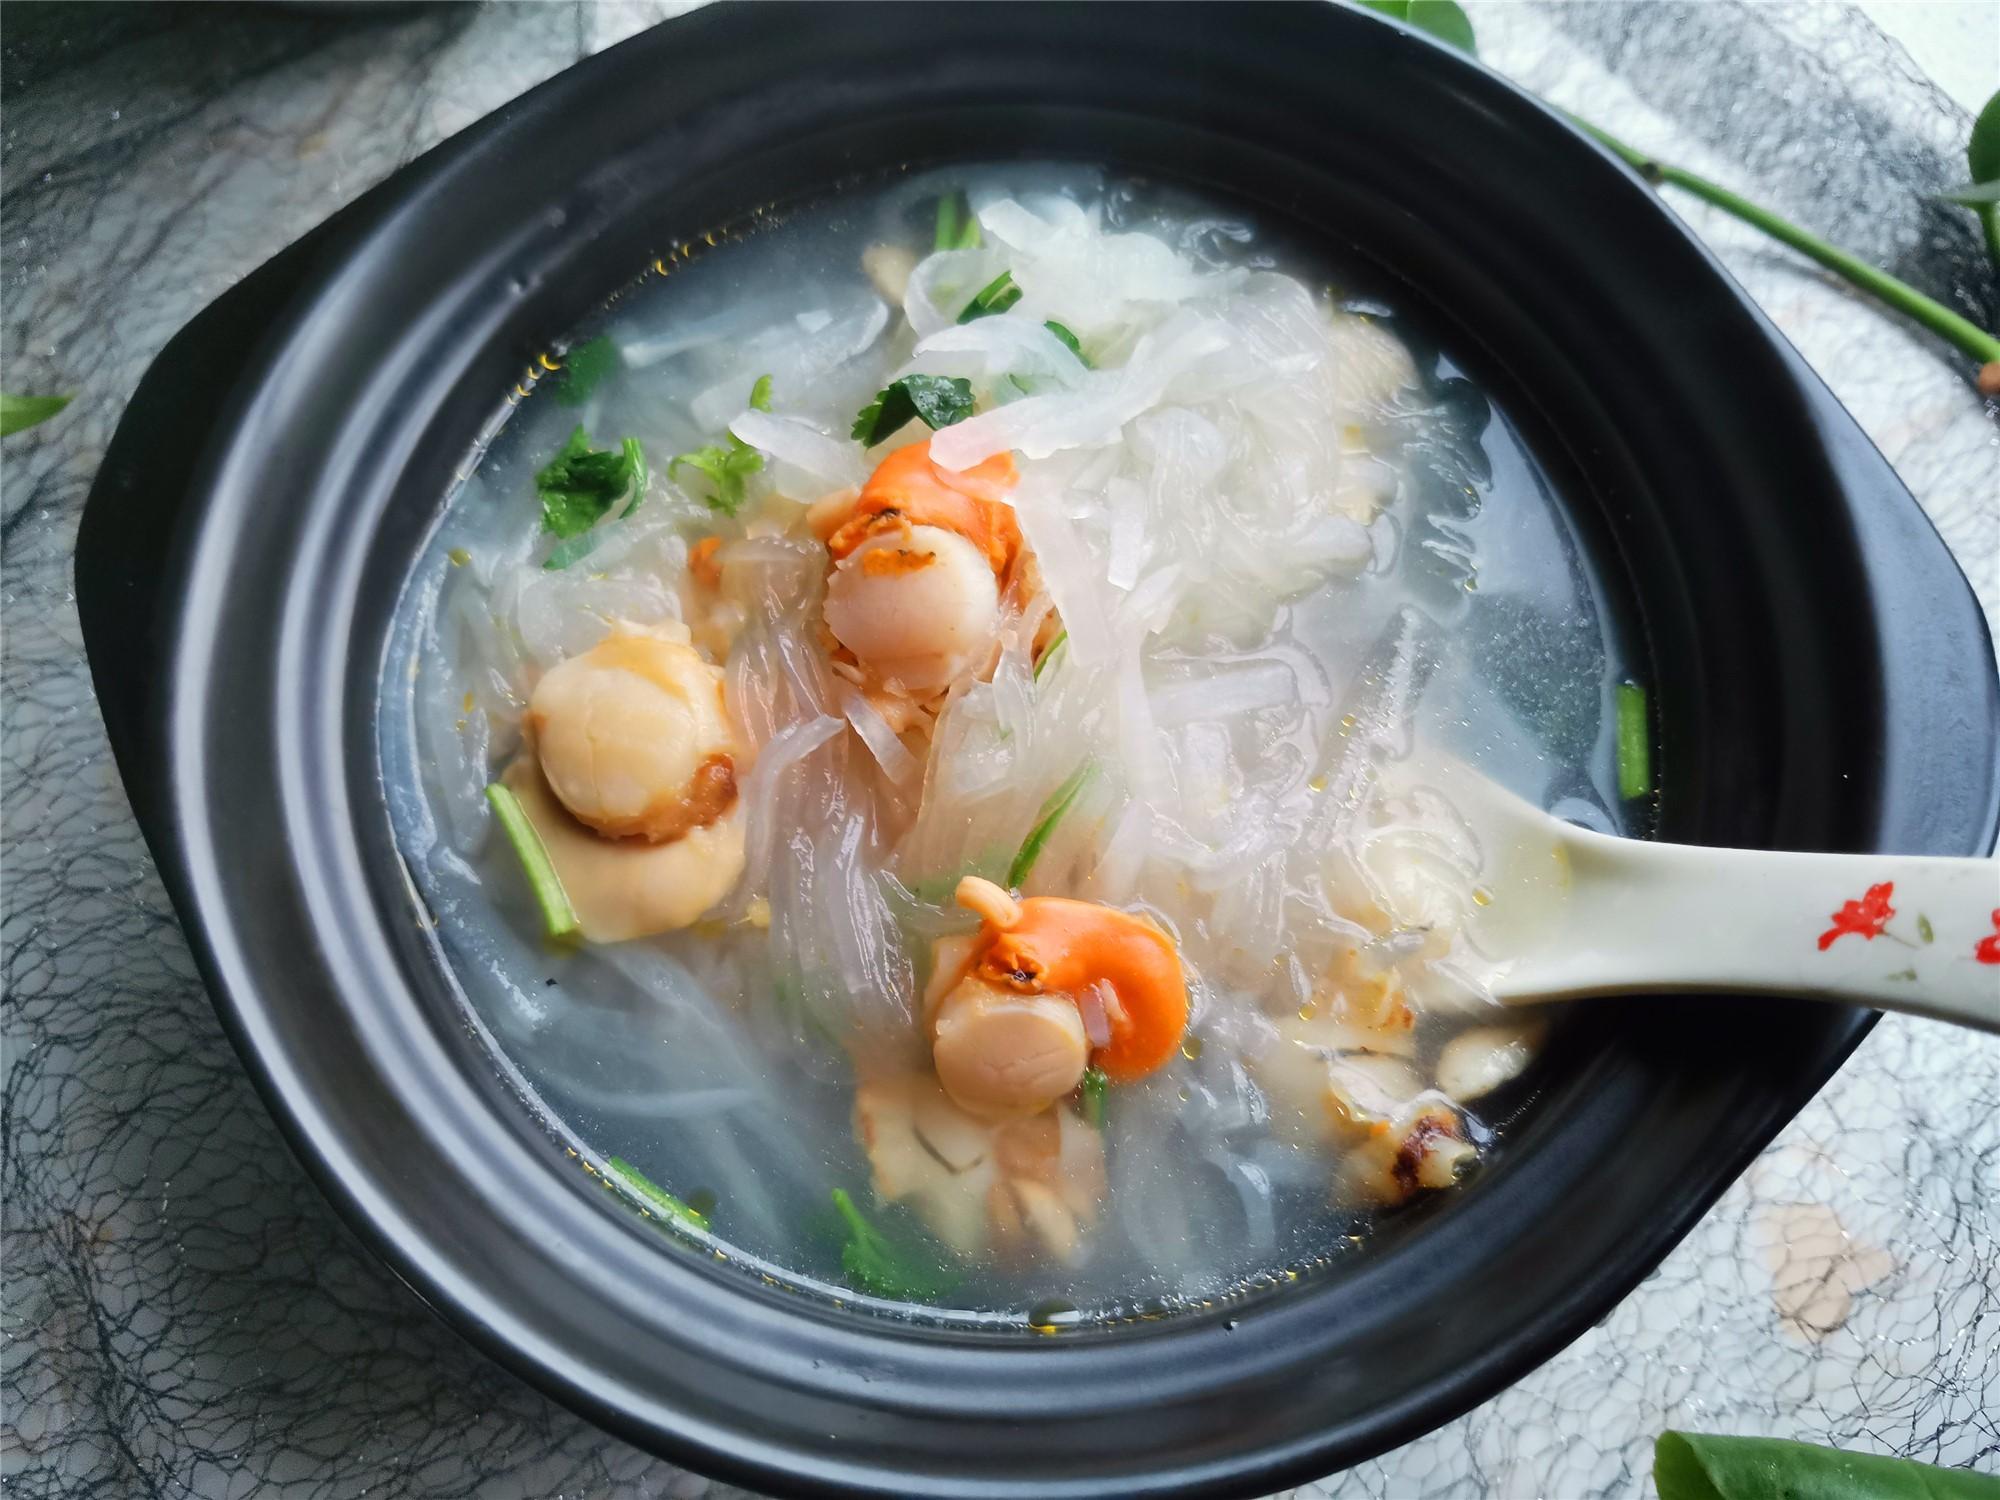 天涼,喝什么湯好?推薦一道家常湯做法,湯鮮味美 ,暖心暖胃,要多喝